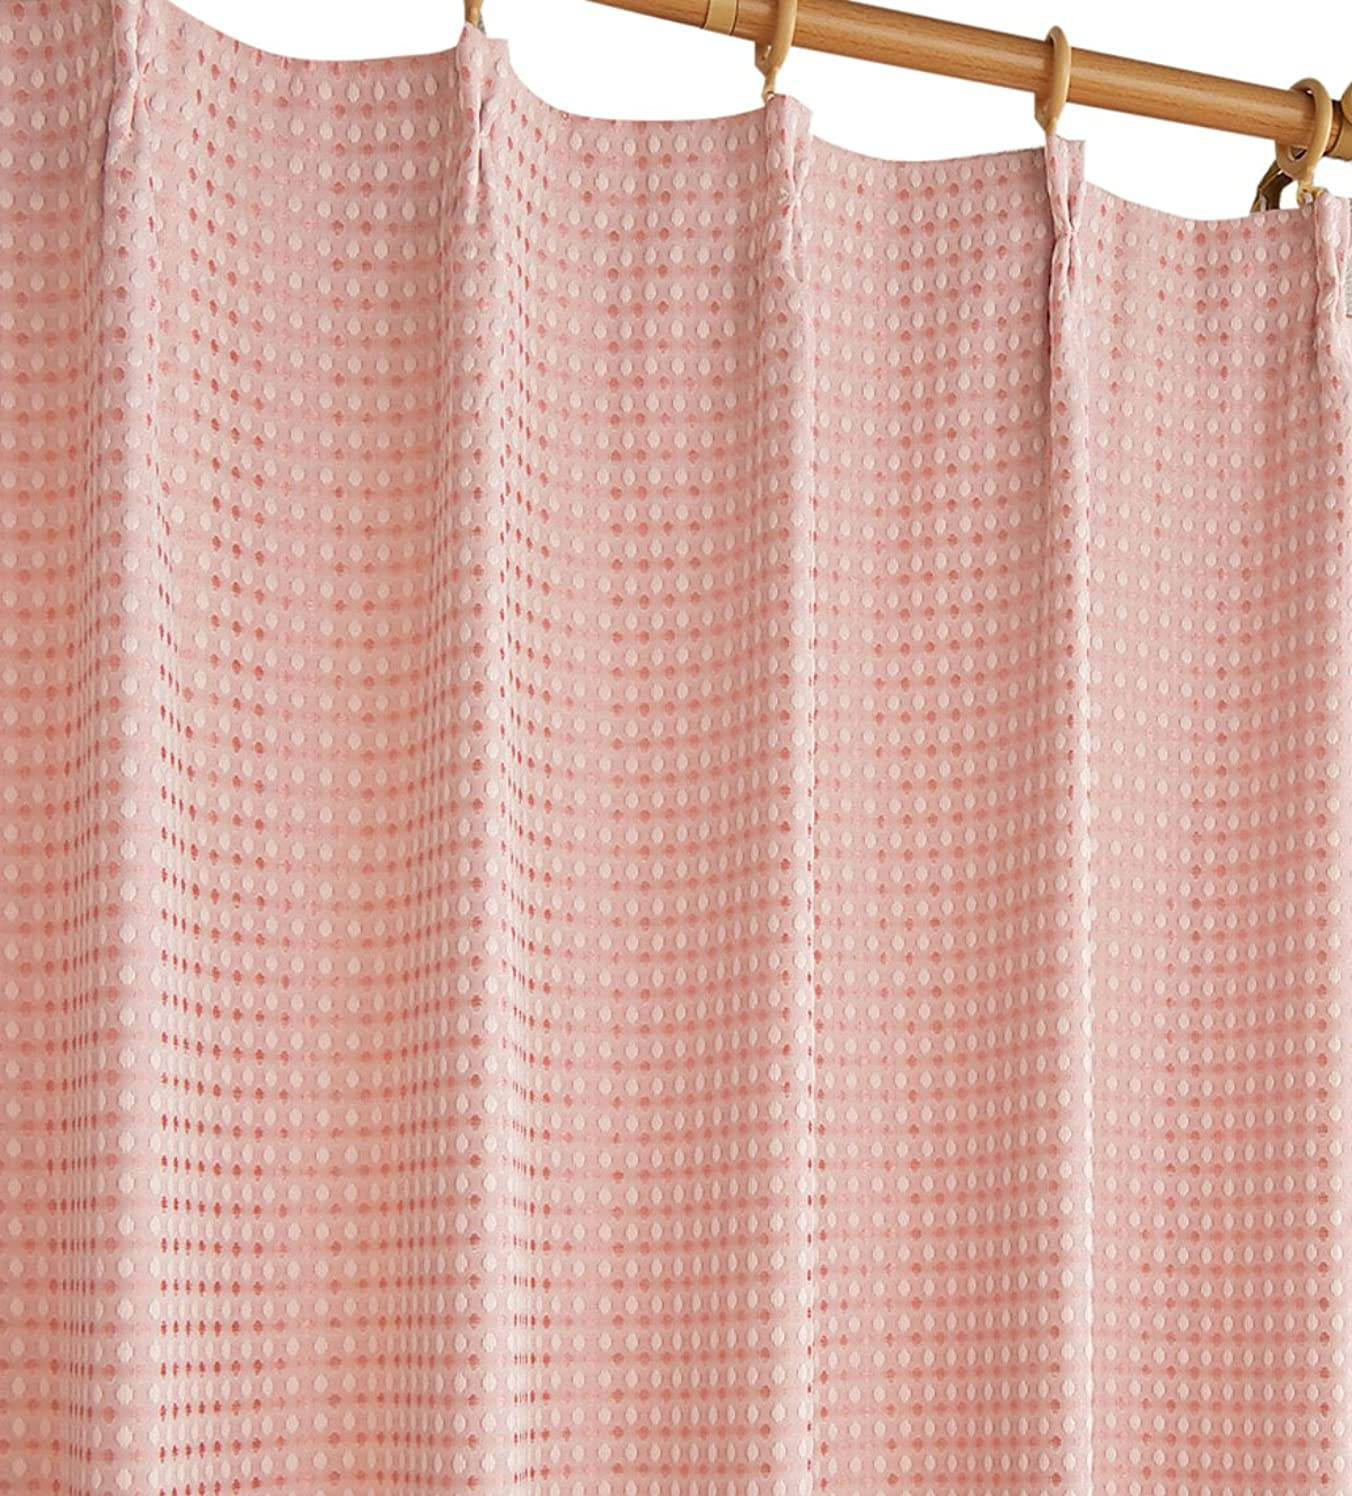 退院食用ラショナルセシール ワッフルカーテン ピンク 100×200cm 遮光 裏地付き CP-479 2枚入入